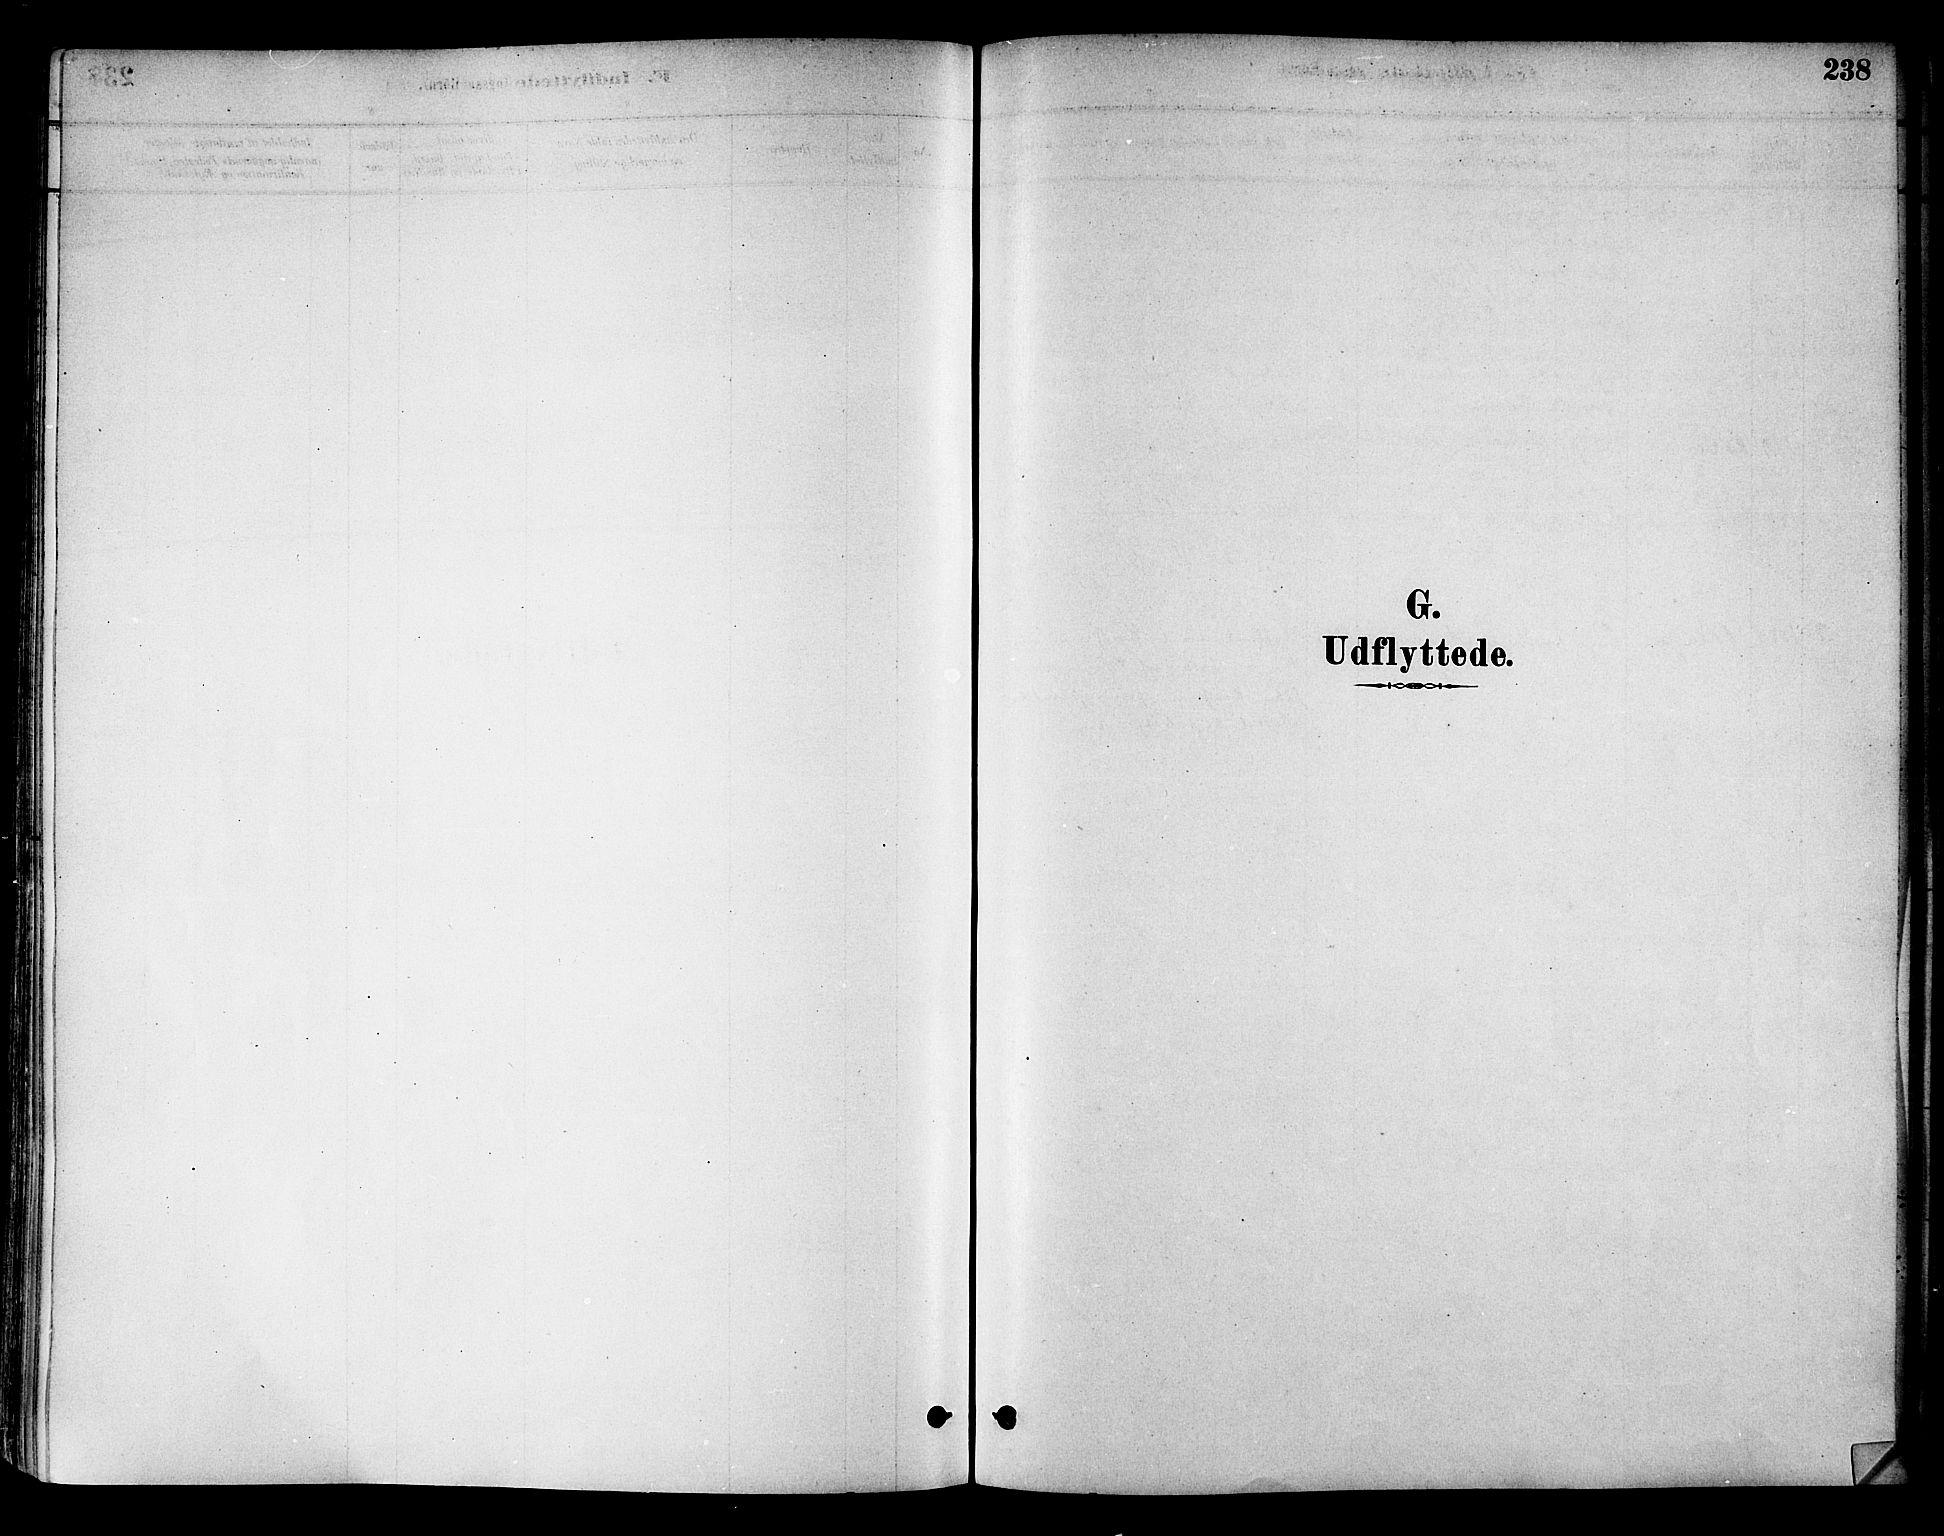 SAT, Ministerialprotokoller, klokkerbøker og fødselsregistre - Nord-Trøndelag, 786/L0686: Ministerialbok nr. 786A02, 1880-1887, s. 238